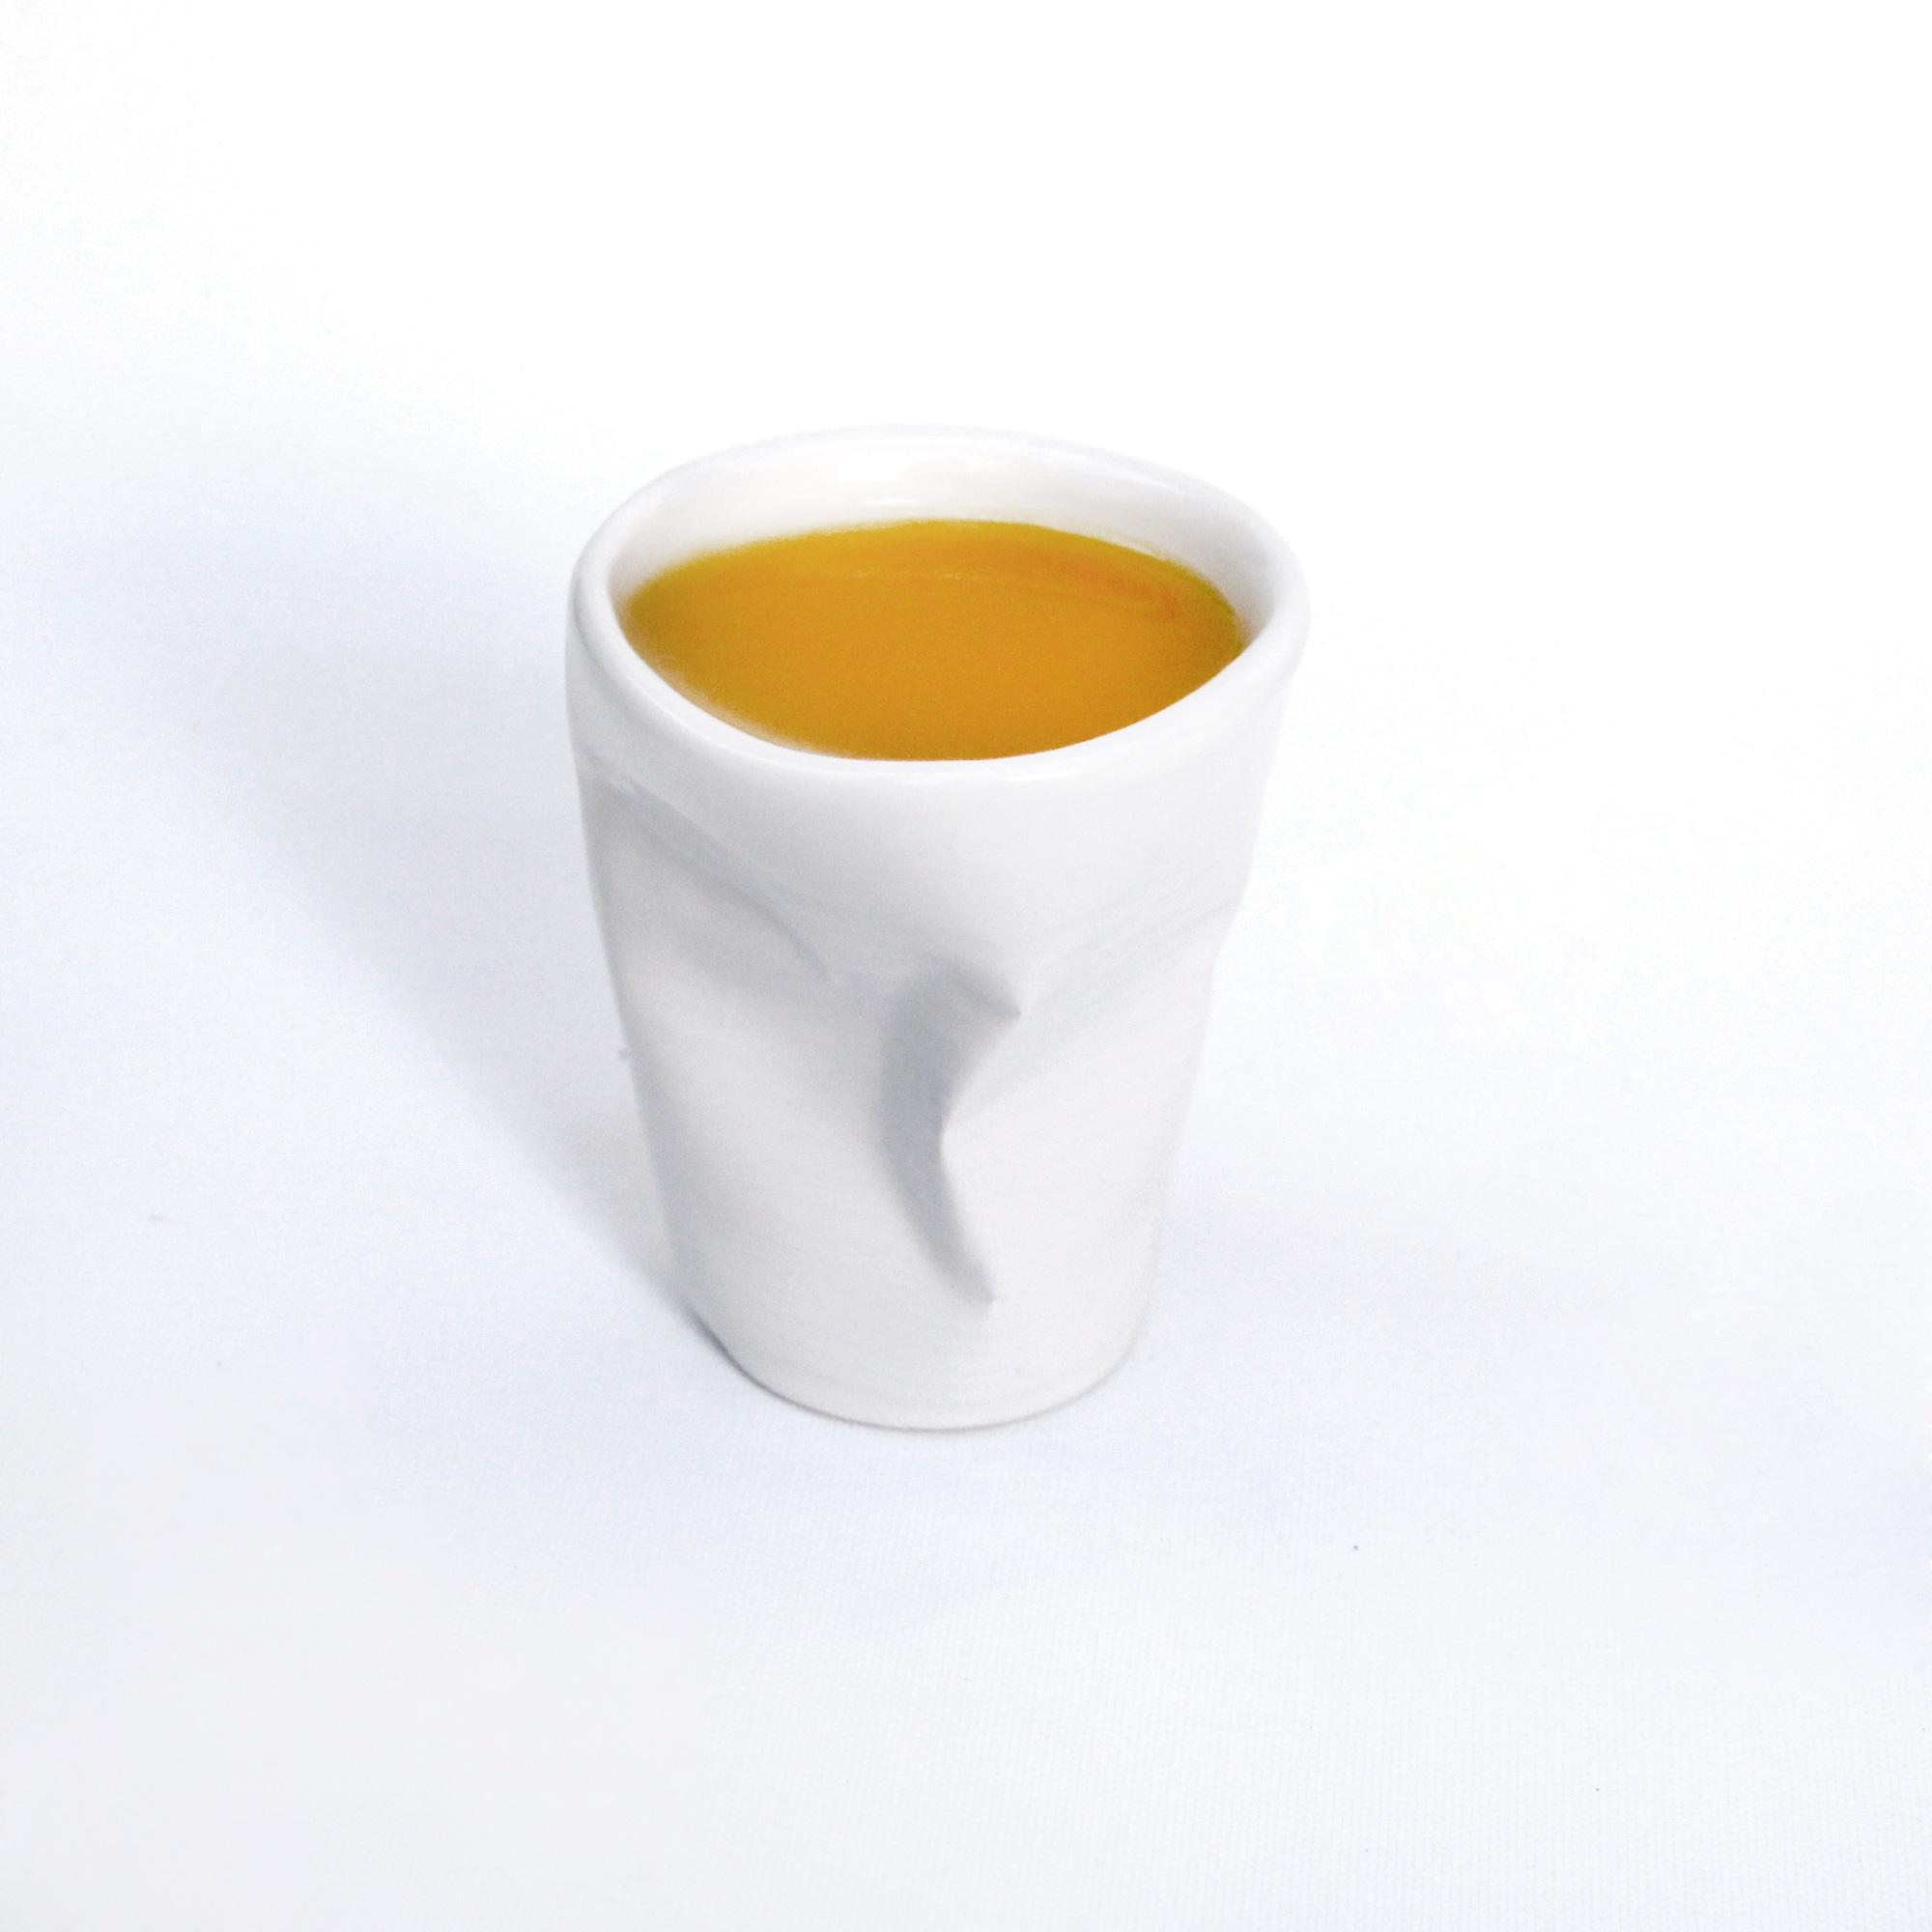 set de vasos de diseño blancos ceramicos de calidad hechos a mano